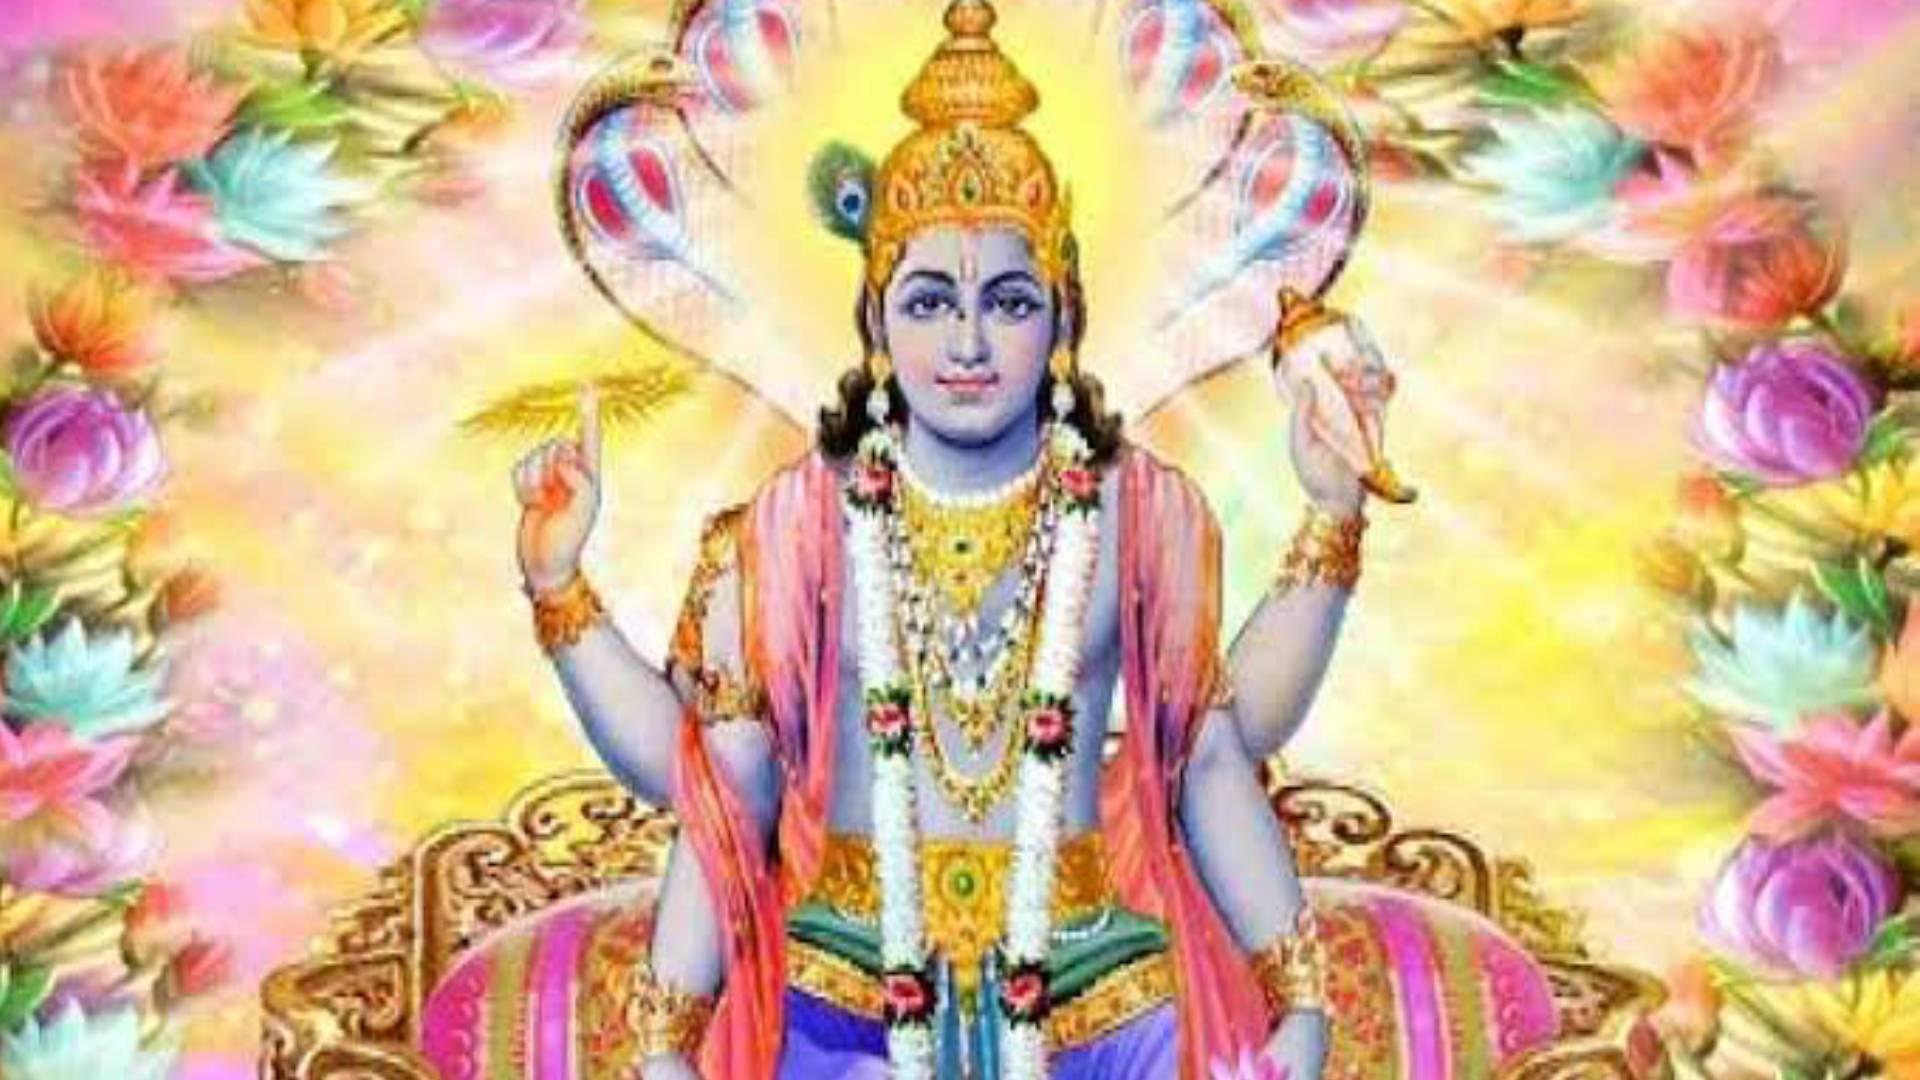 Anant Chaturdashi 2019: अनंत चतुर्दशी पर इस मंत्र का जाप करने से मिलेगा भगवान विष्णु का साथ, जानिए पूजा विधि